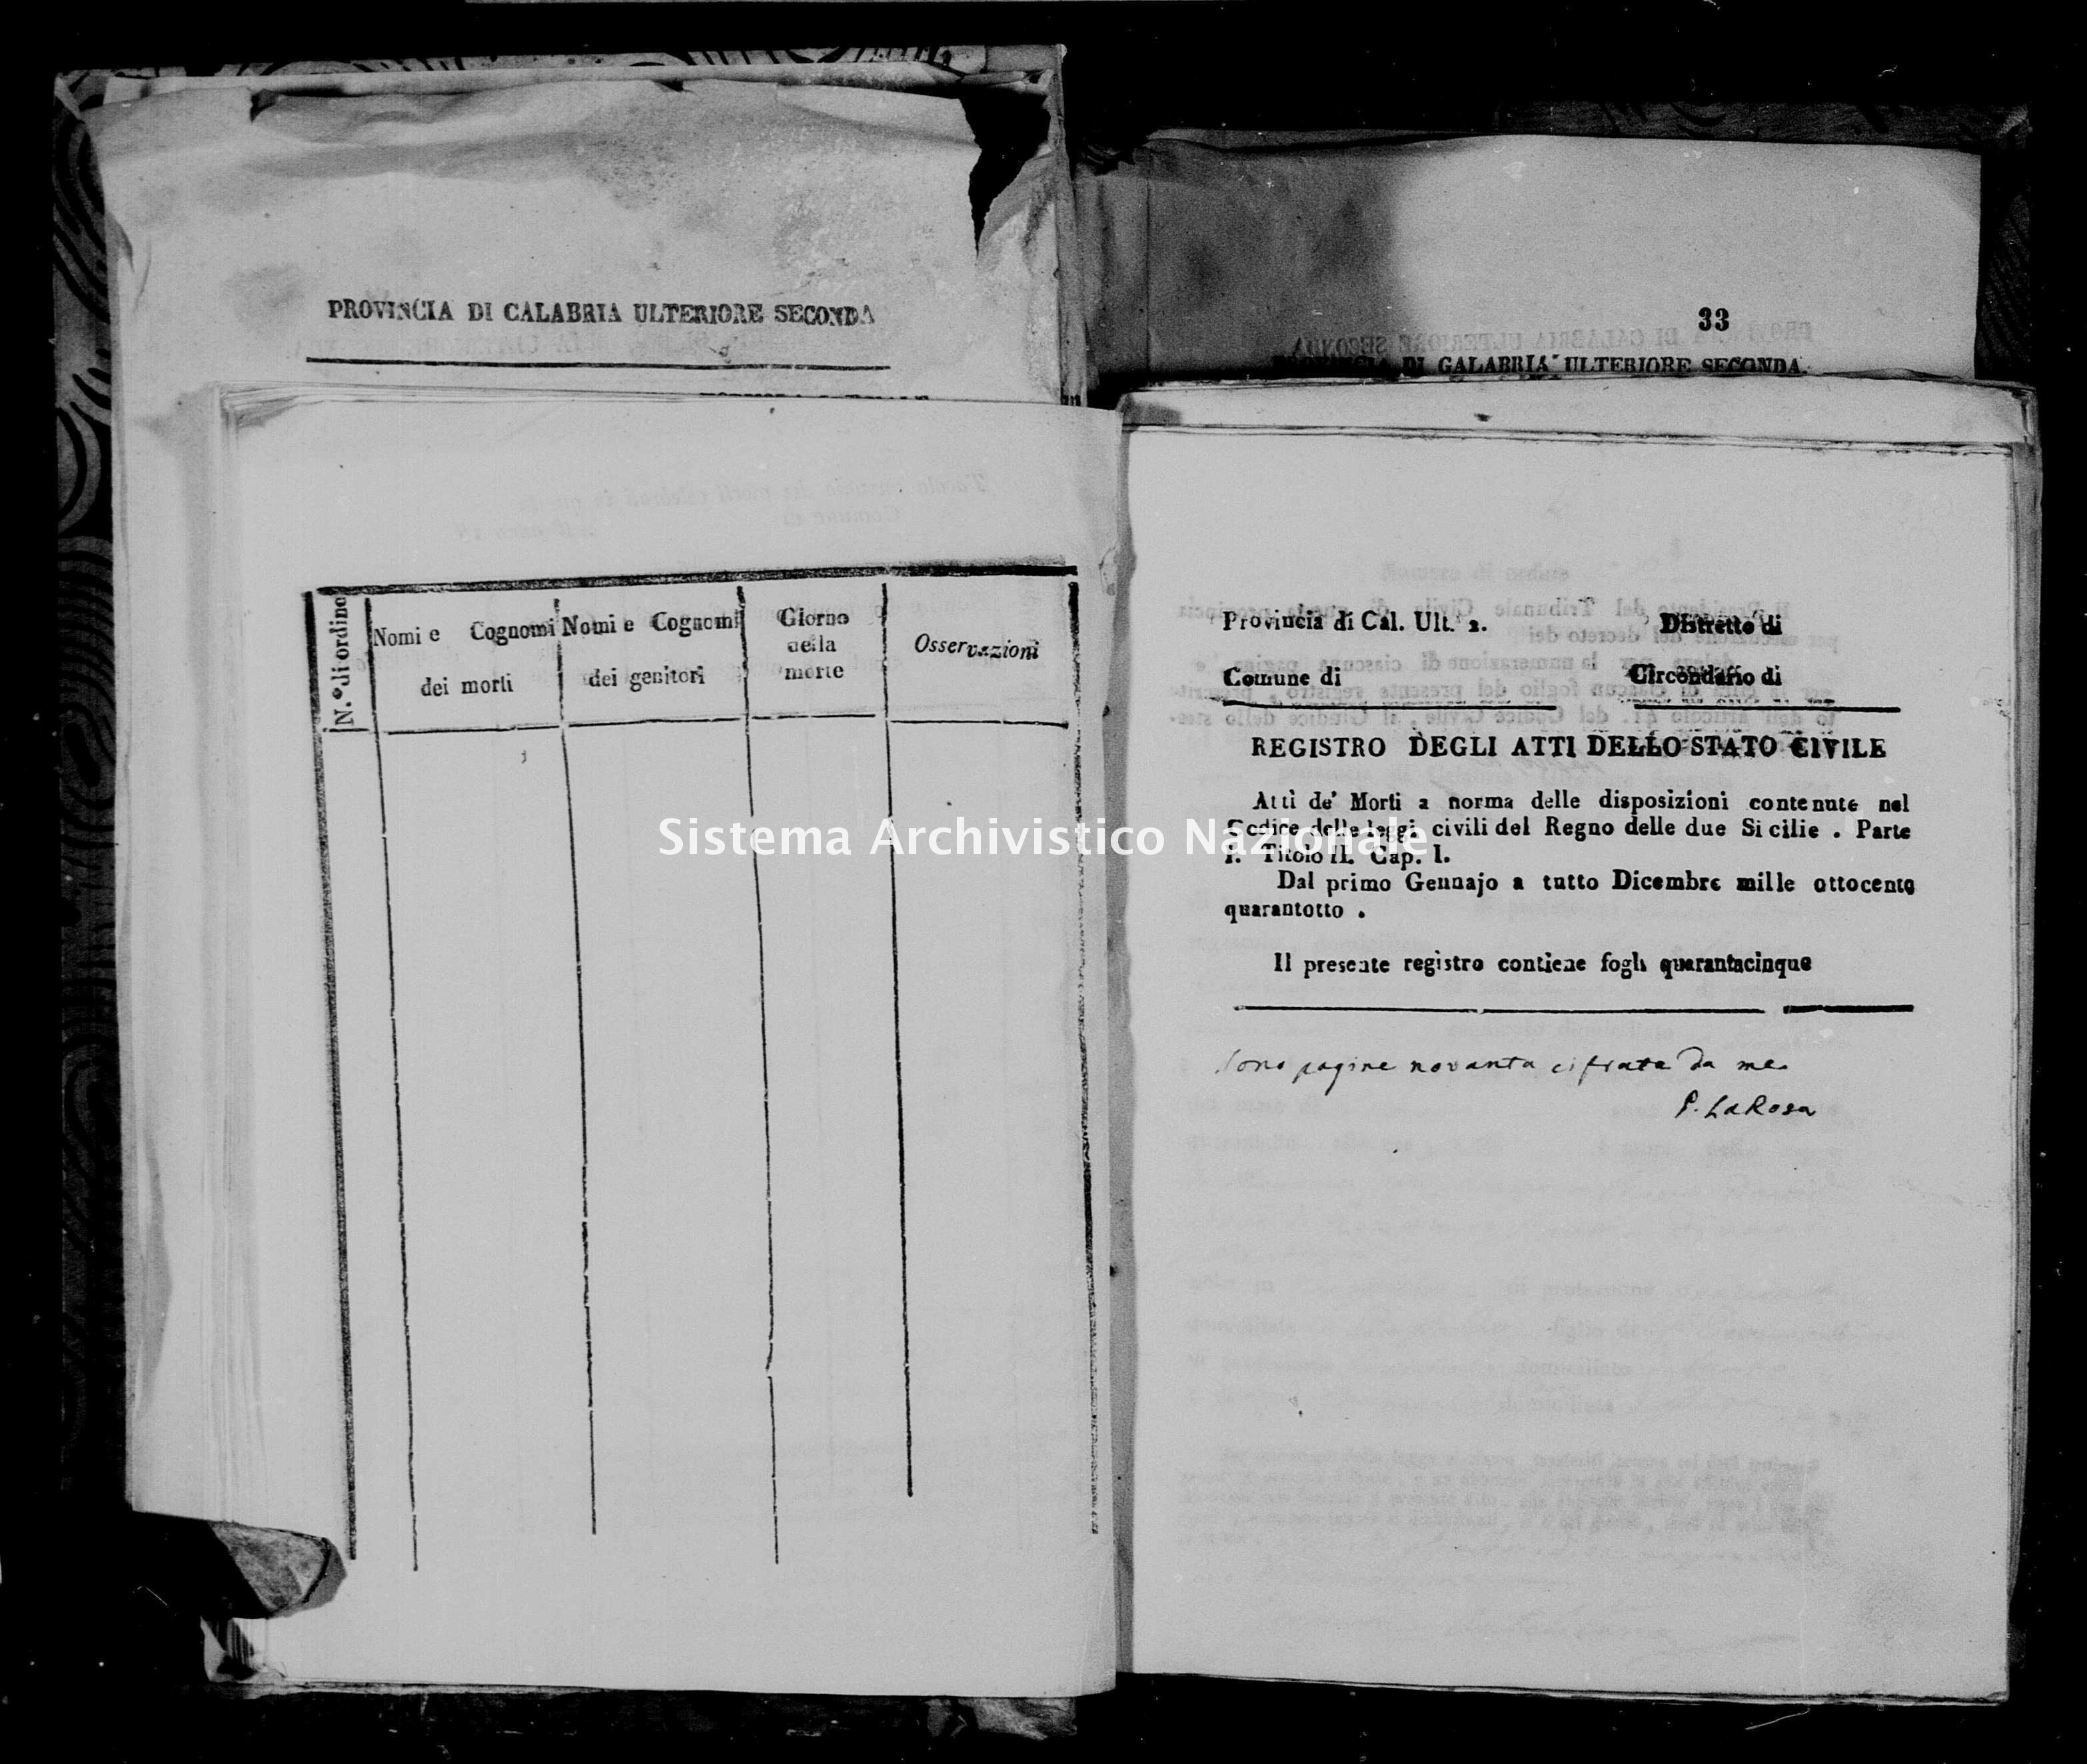 Archivio di stato di Catanzaro - Stato civile italiano - Girifalco - Morti - 06/01/1848-02/11/1848 - 1337 -